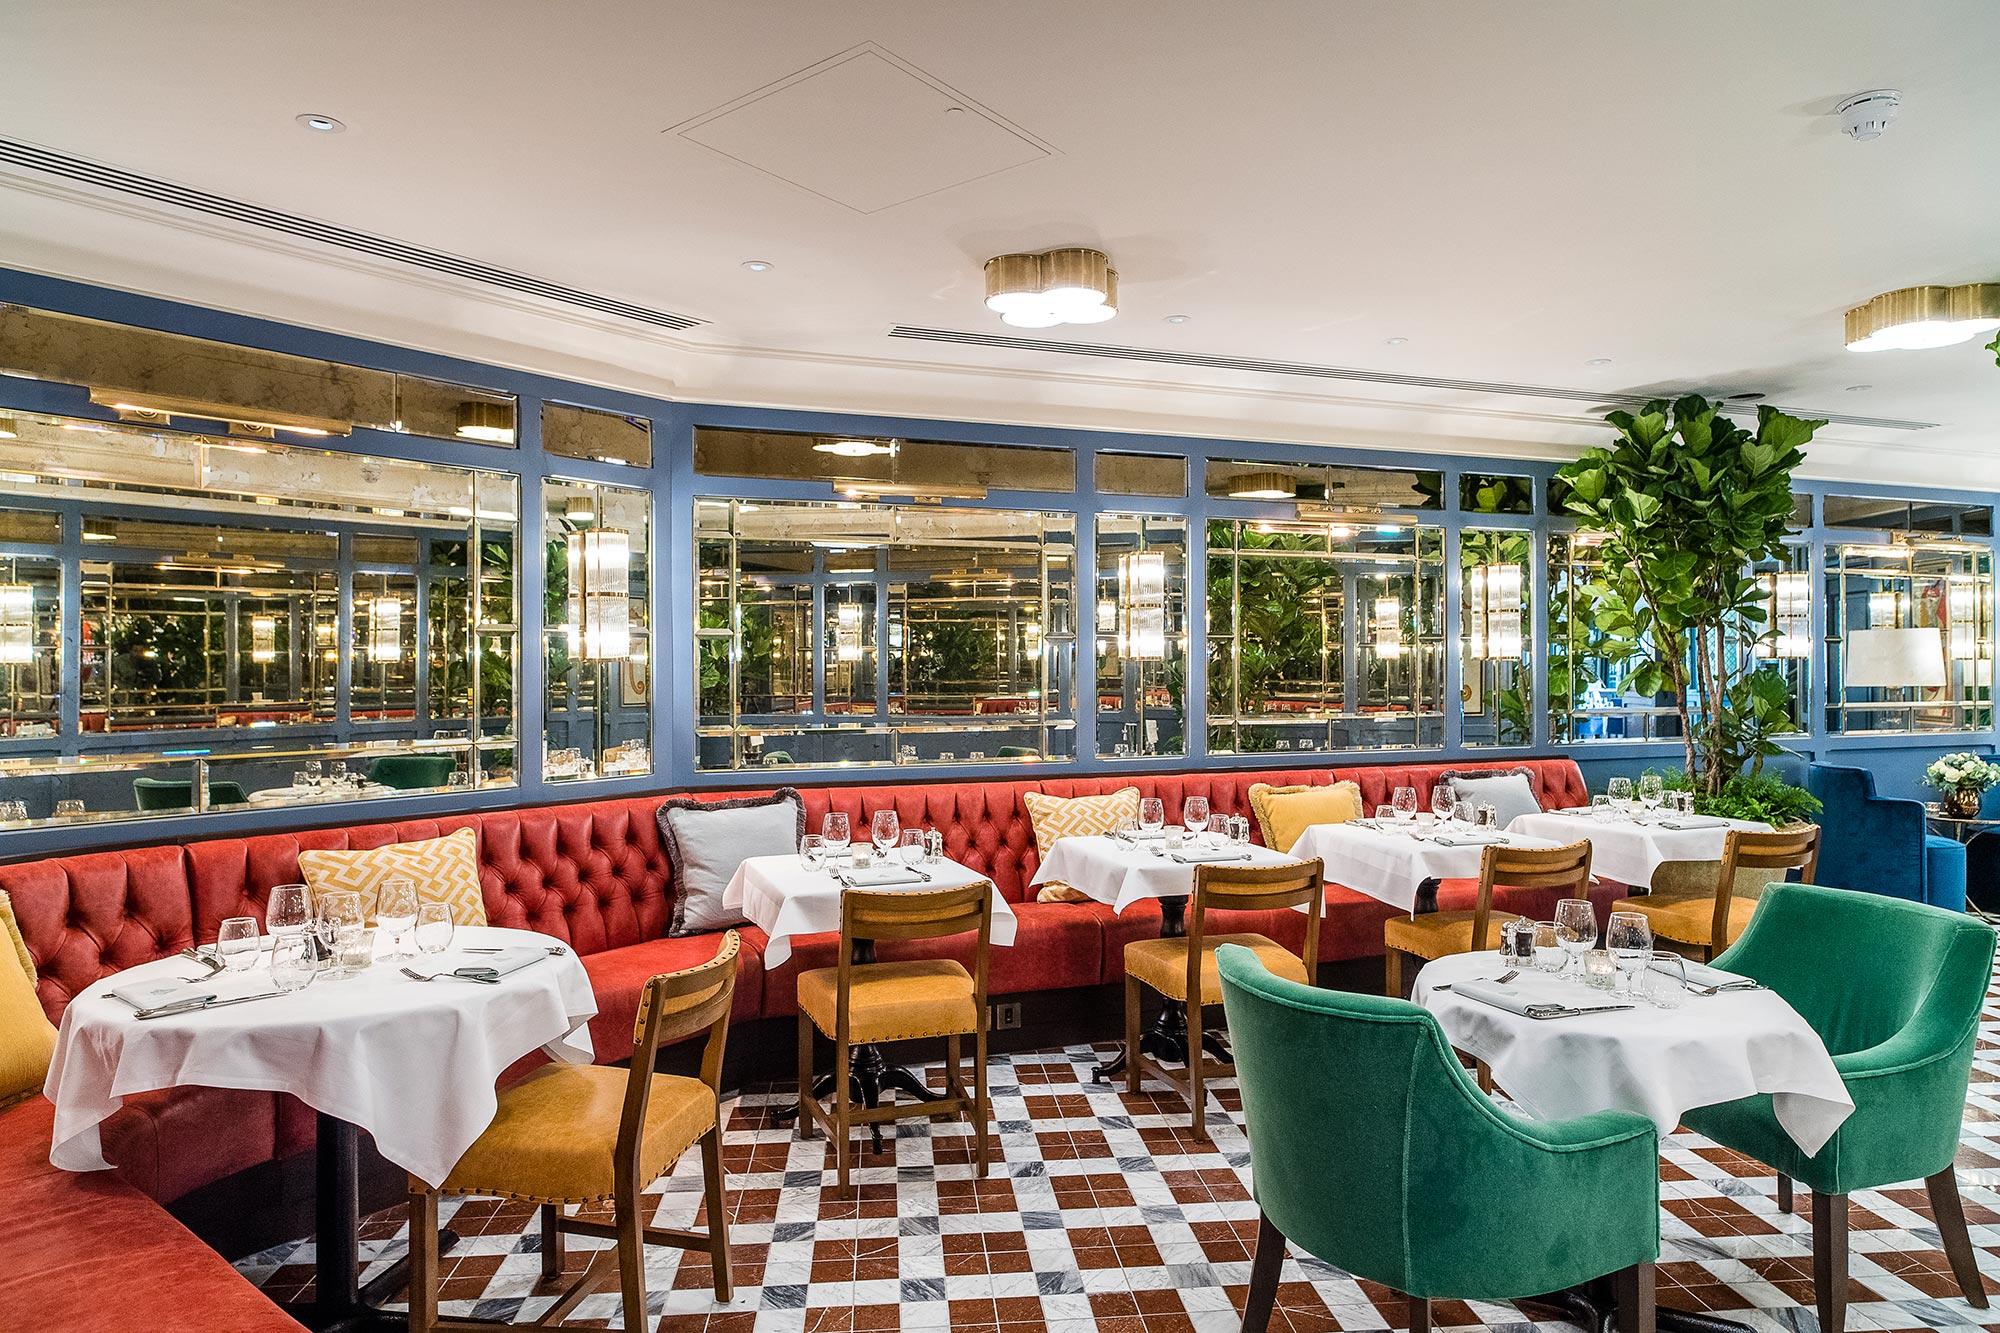 The-Ivy-Tower-Bridge-Main-Restaurant-Interiors-3.jpg